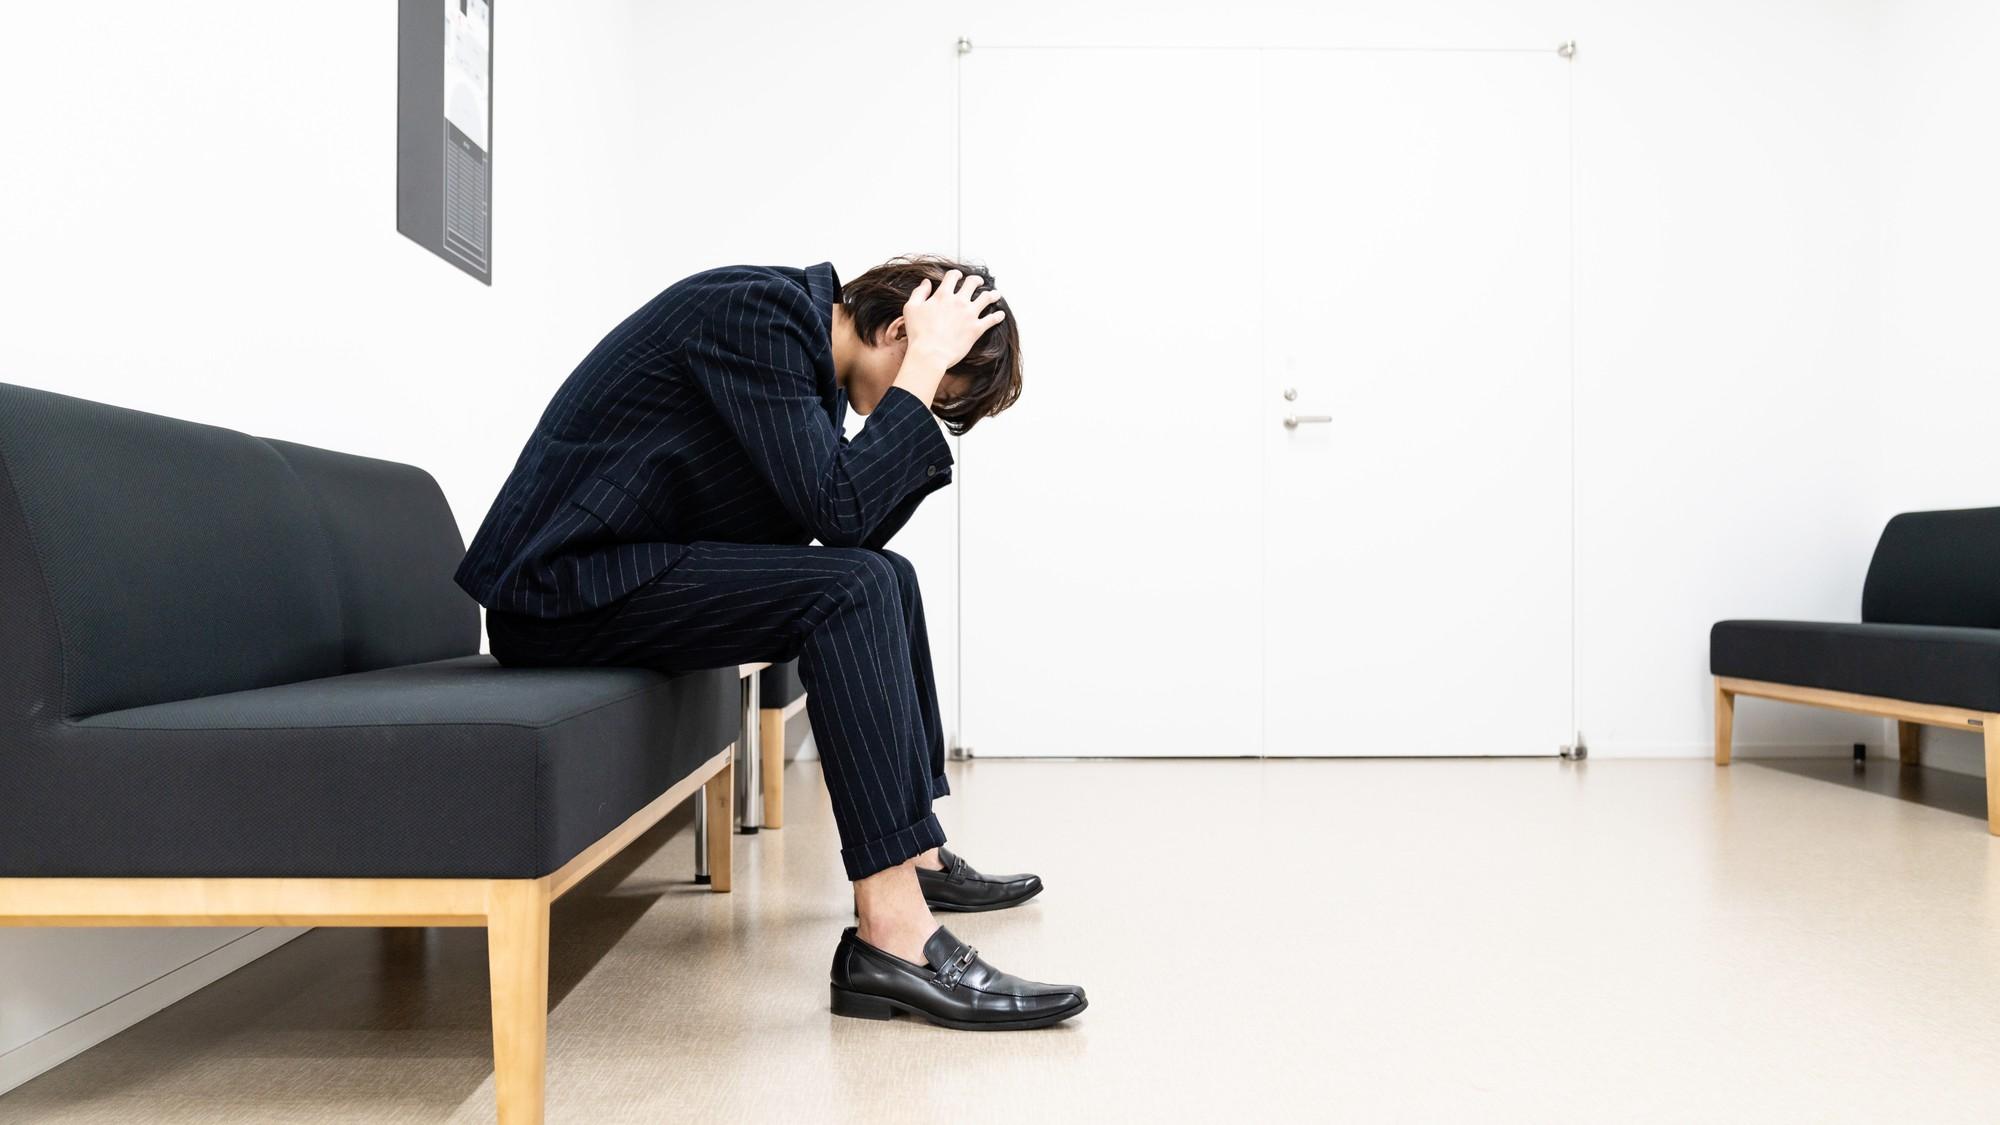 恐怖と緊張の待合室「好きな人のために受けたレーシック手術」